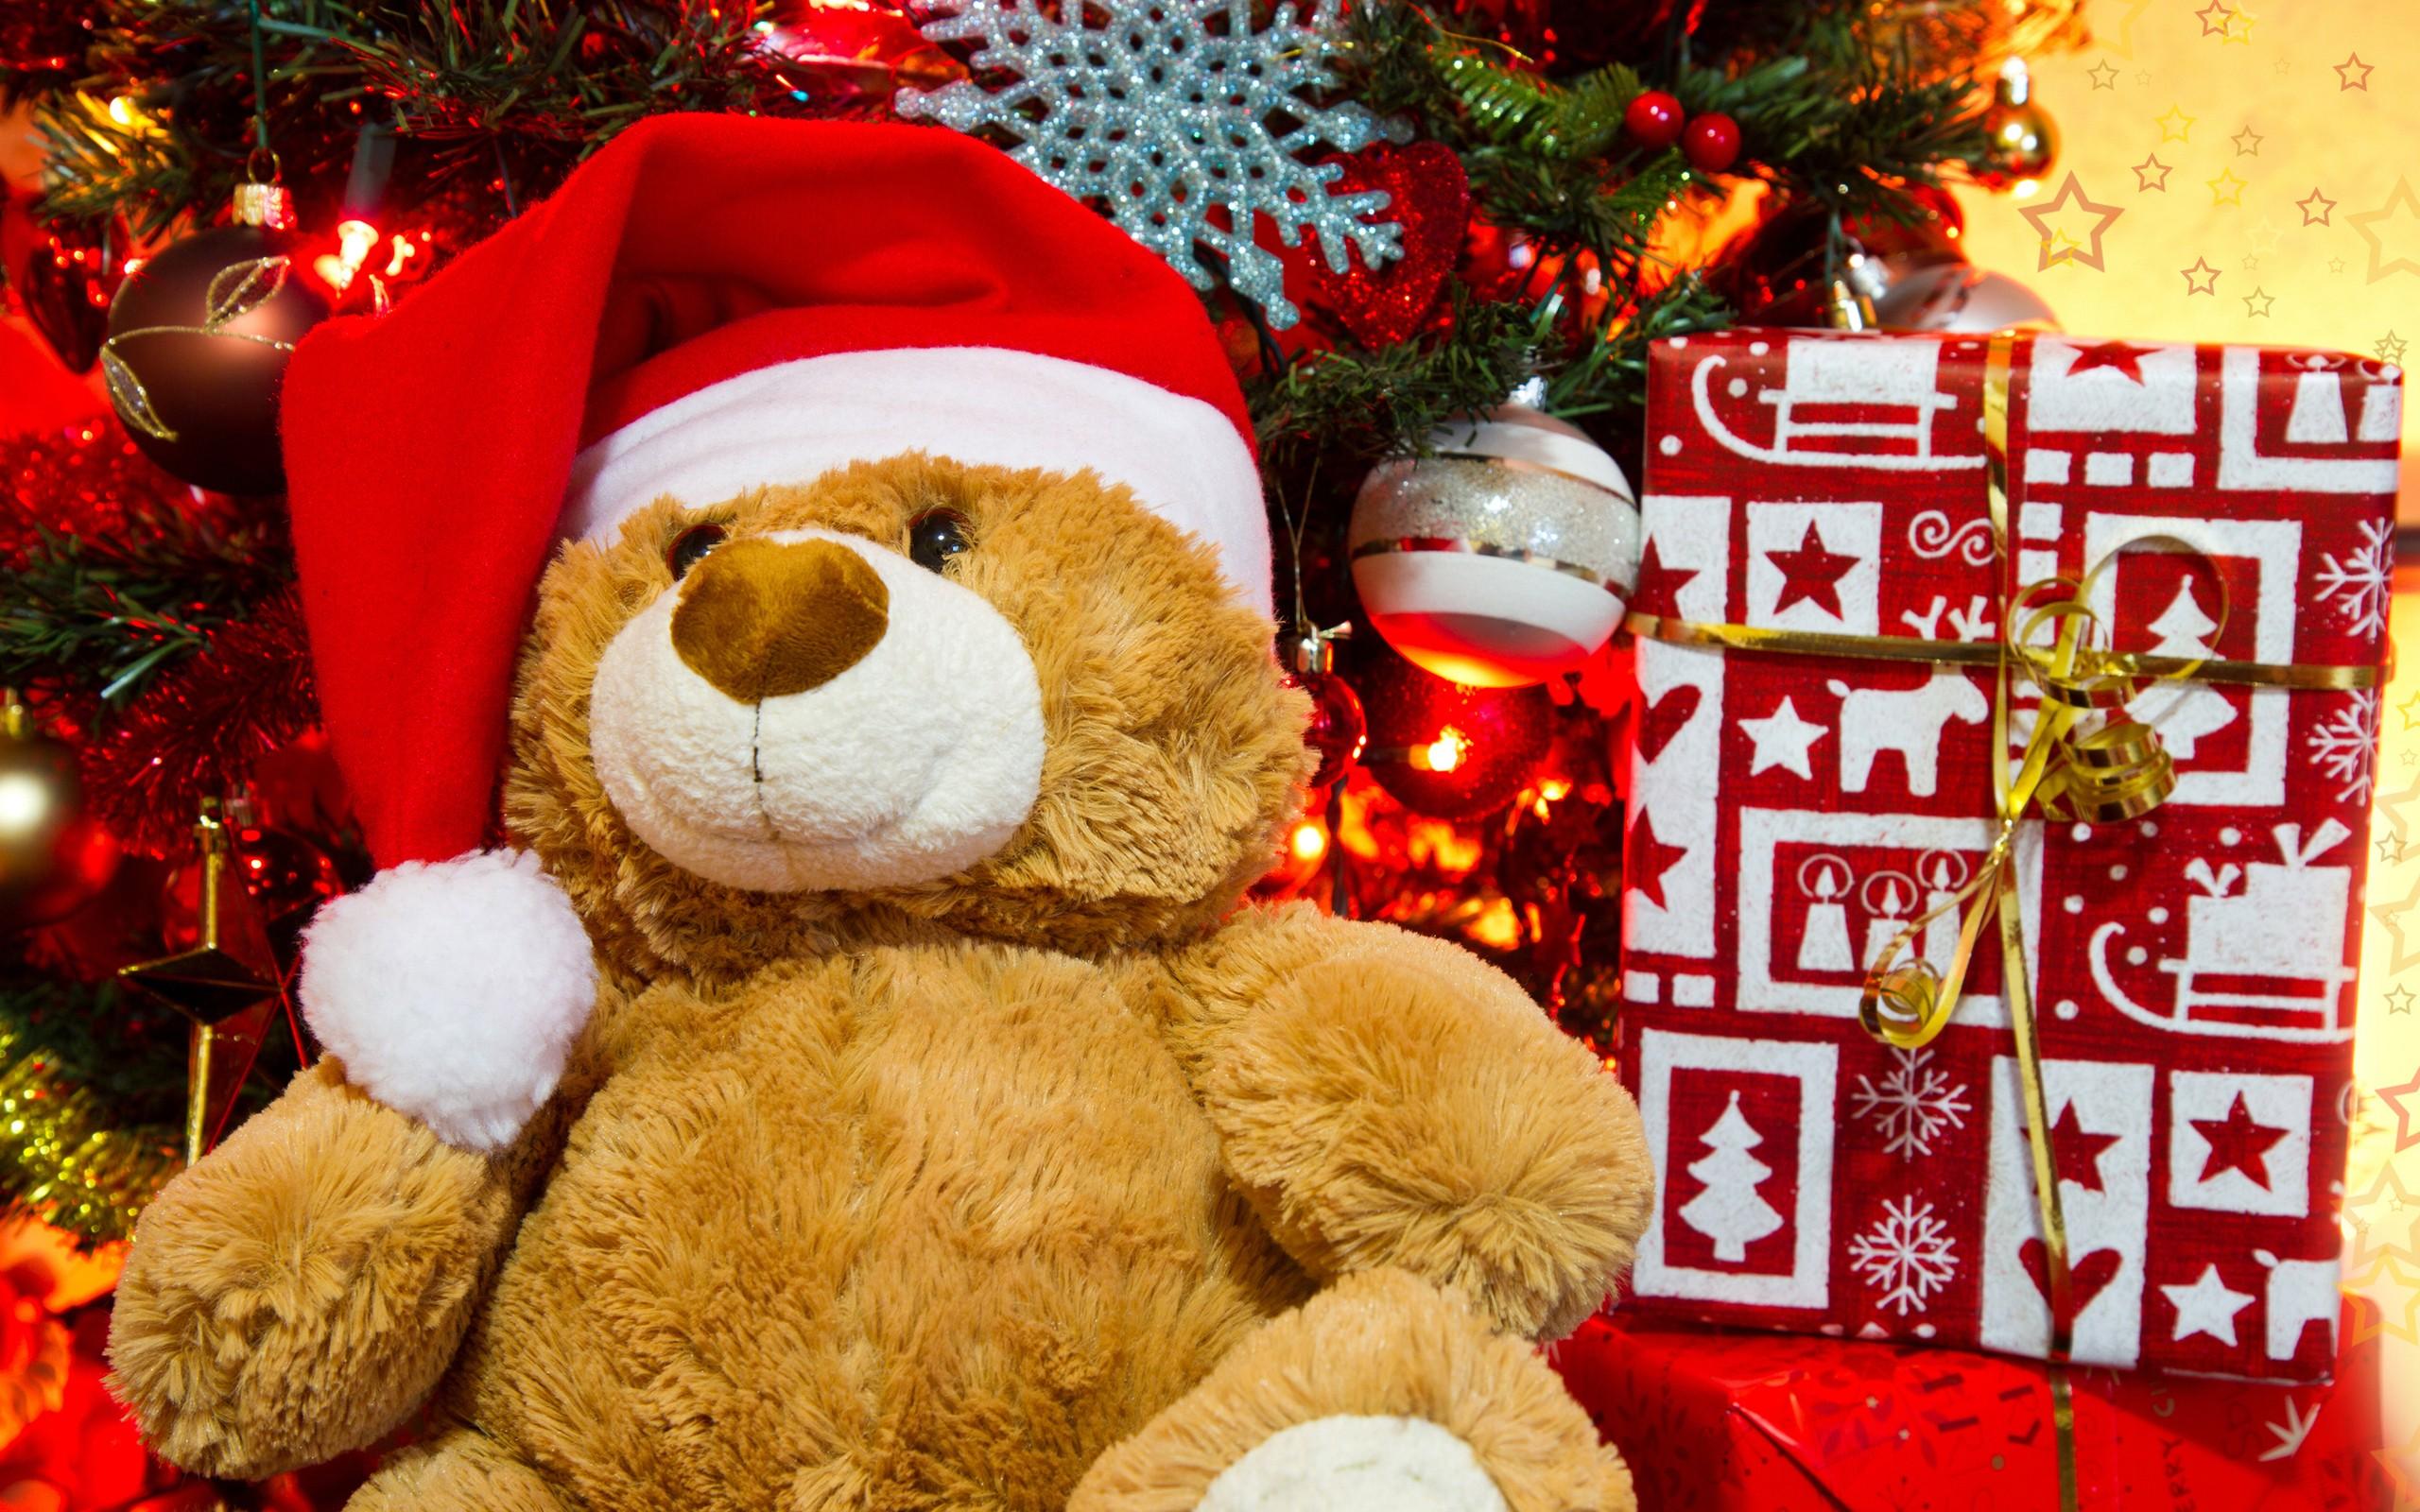 Картинка #475357. игрушки. Загрузили 1137. рождество. ёлка. новый